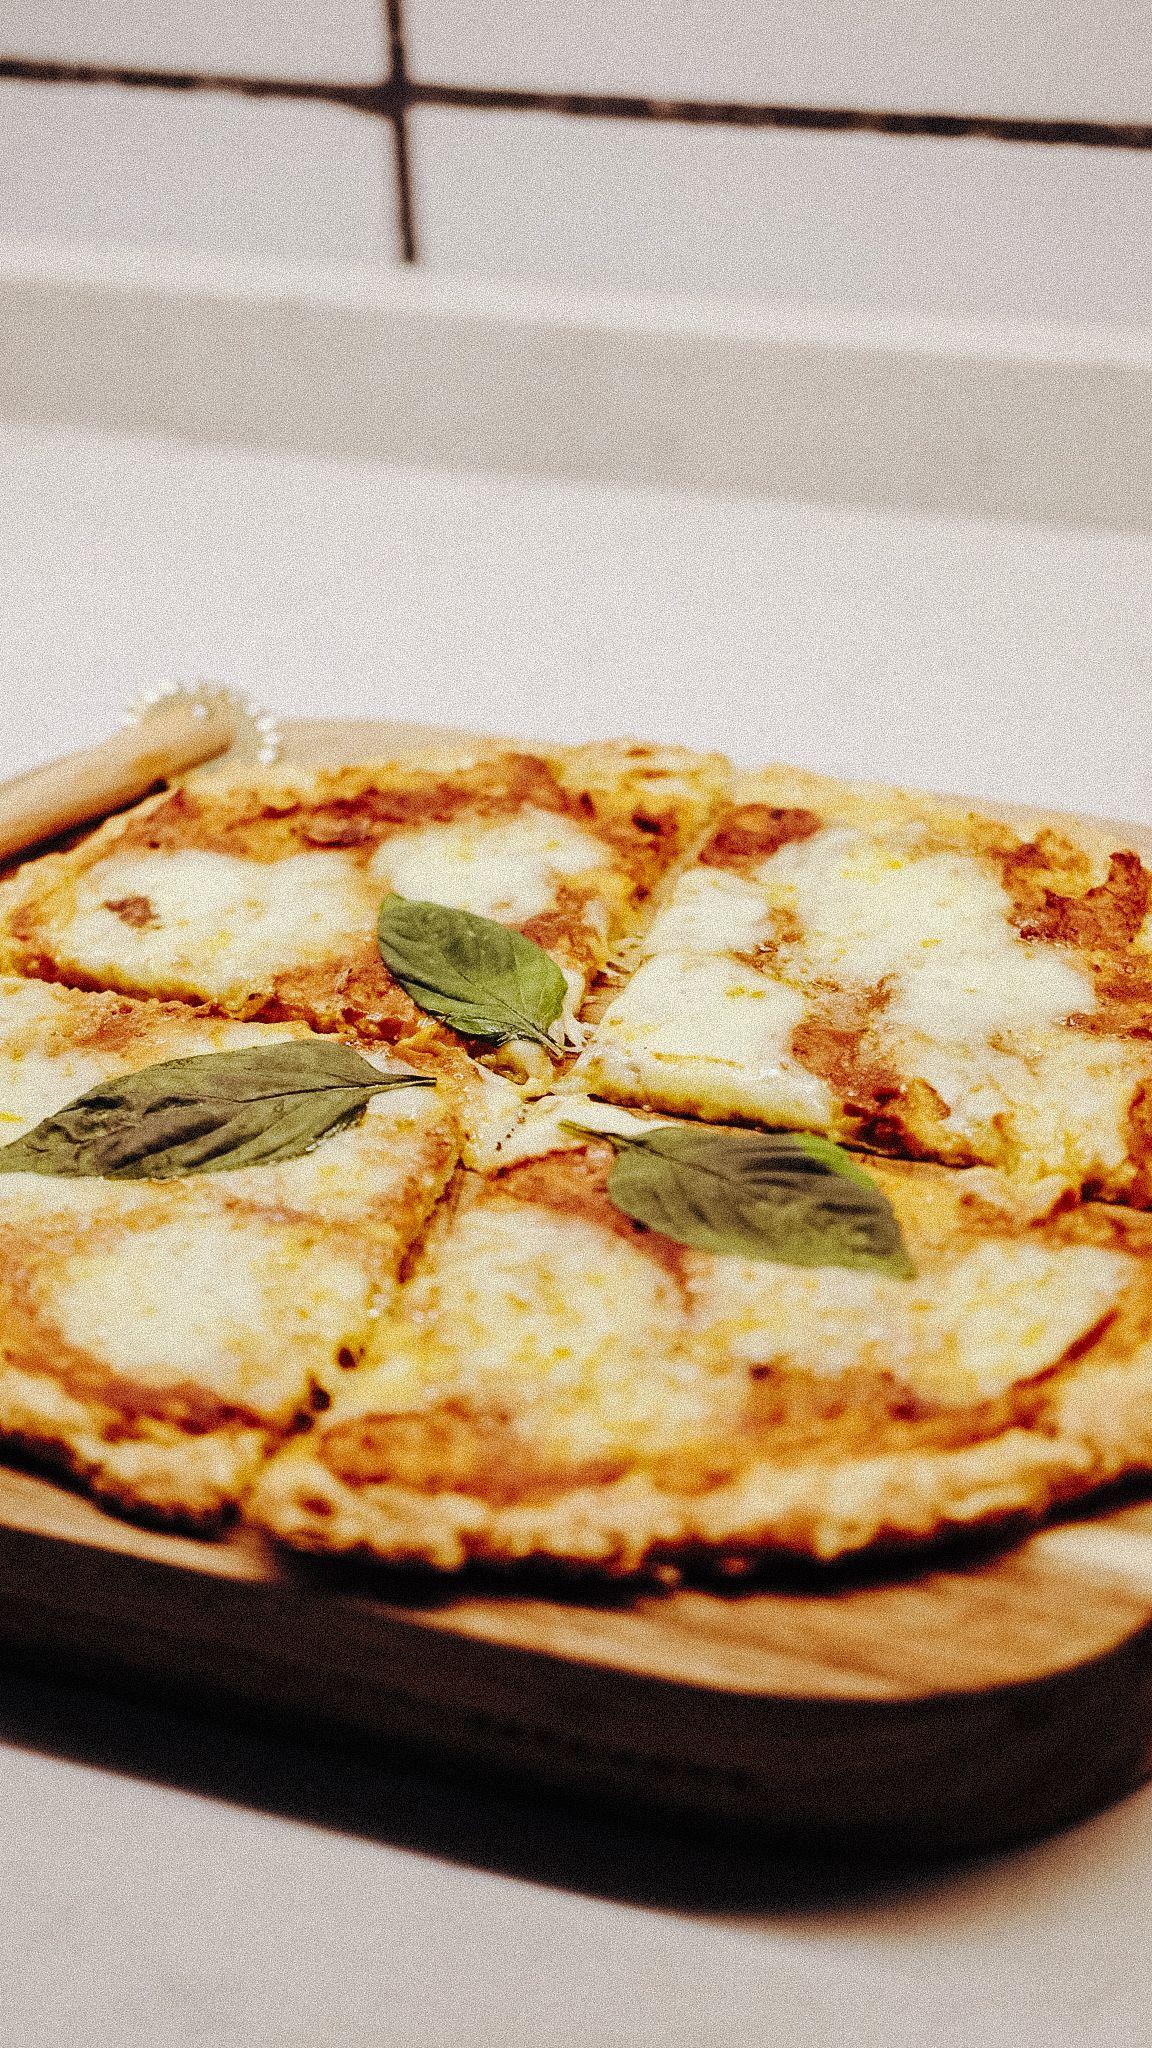 Pizza Cetogénica Lowcarb Keto Recetas Keto Crema De Verduras Cenas Ricas